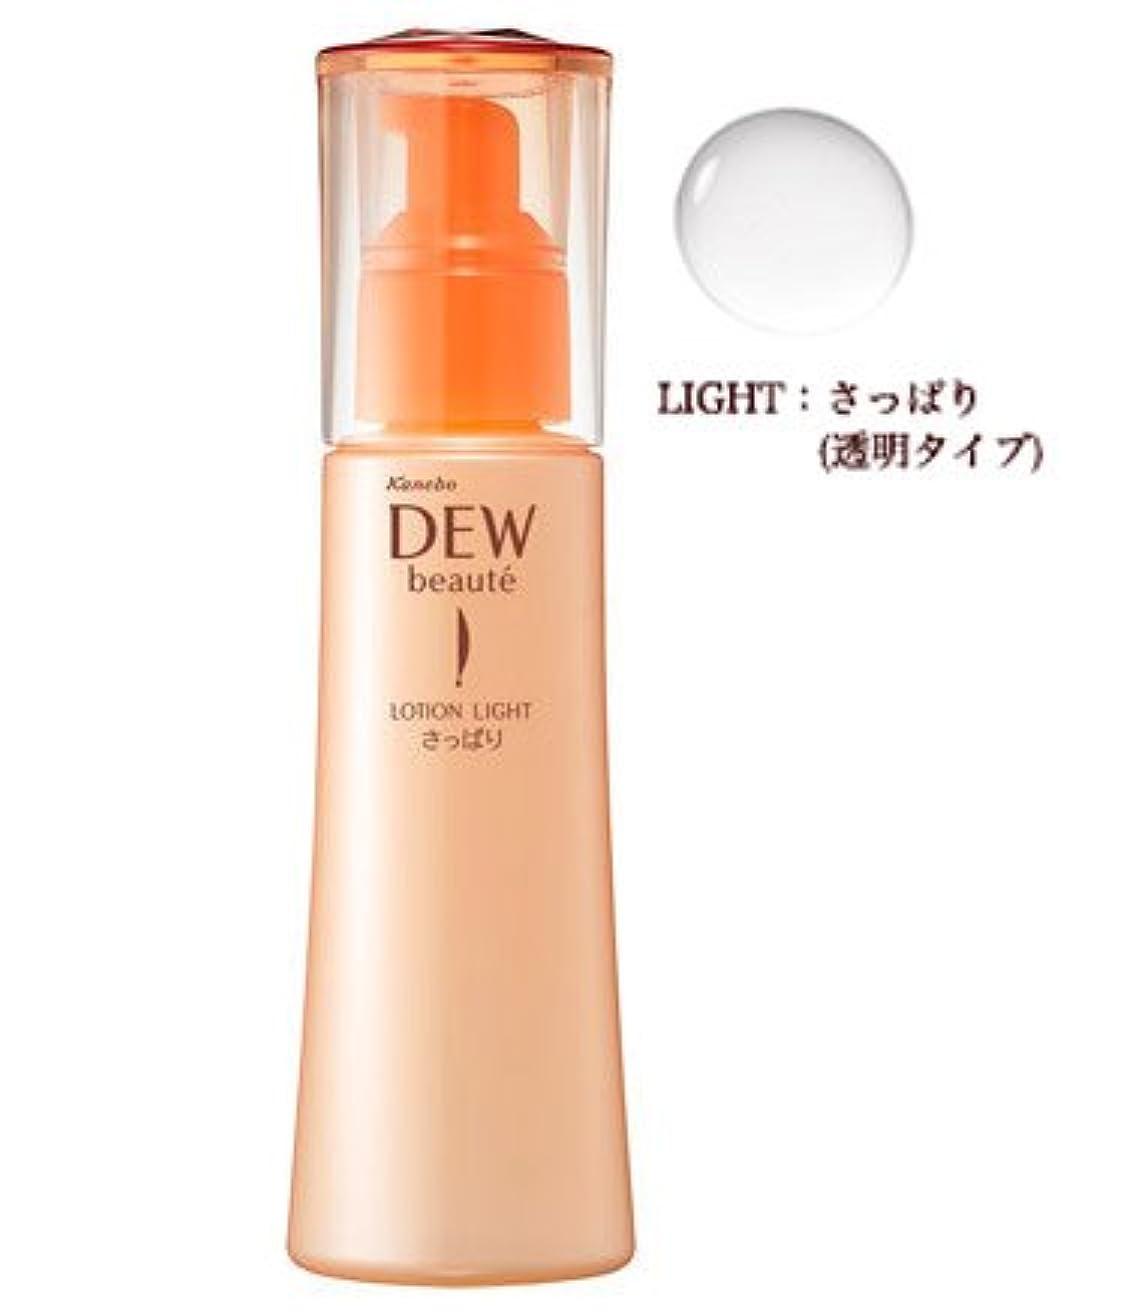 プログラム専ら肉【カネボウ化粧品】DEW ボーテ ローションライト 150ml